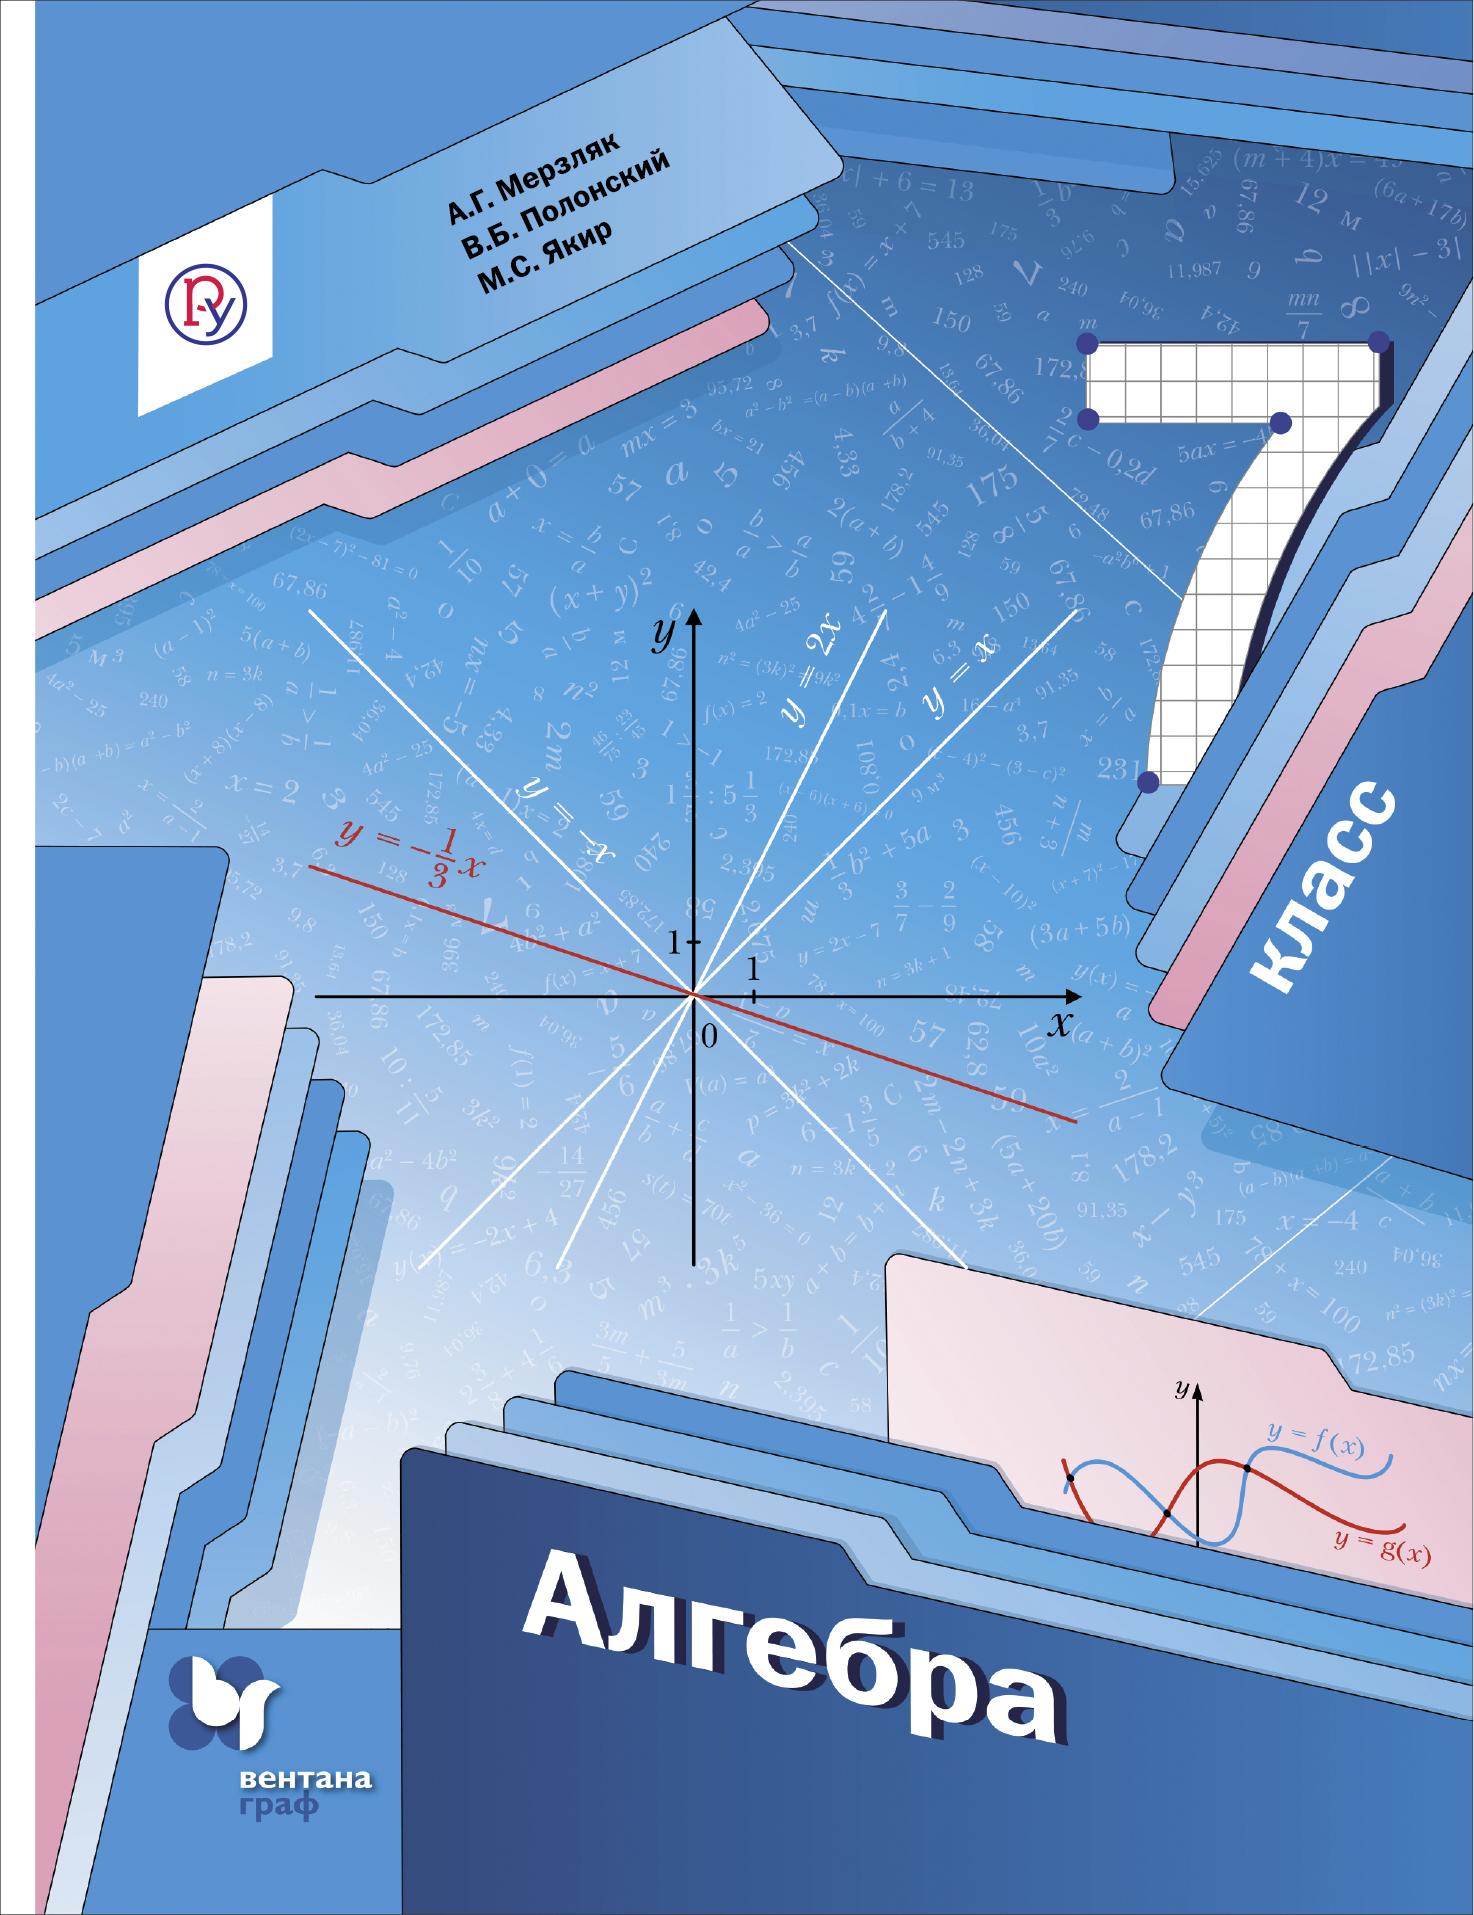 Мерзляк А.Г., Полонский В.Б., Якир М.С. Алгебра. 7 класс. Учебник. учебники дрофа алгебра 7 класс учебник